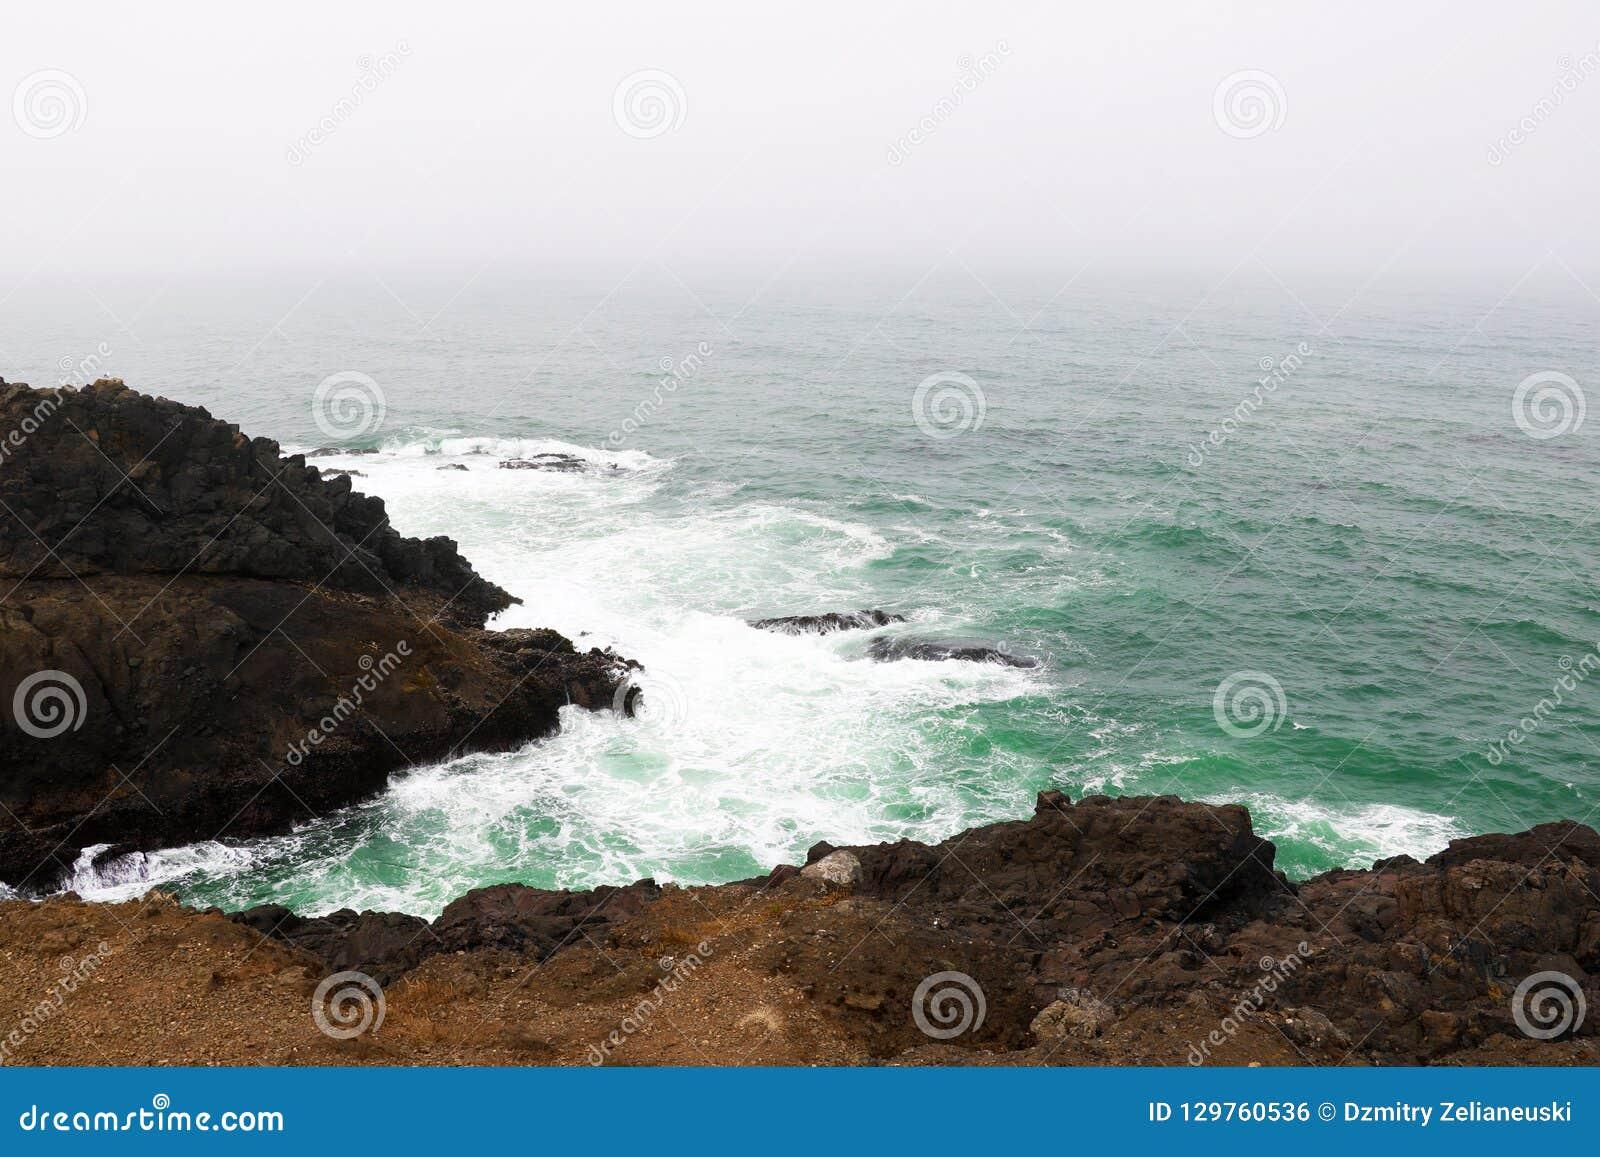 对加利福尼亚北部岩石海岸的和平的磅